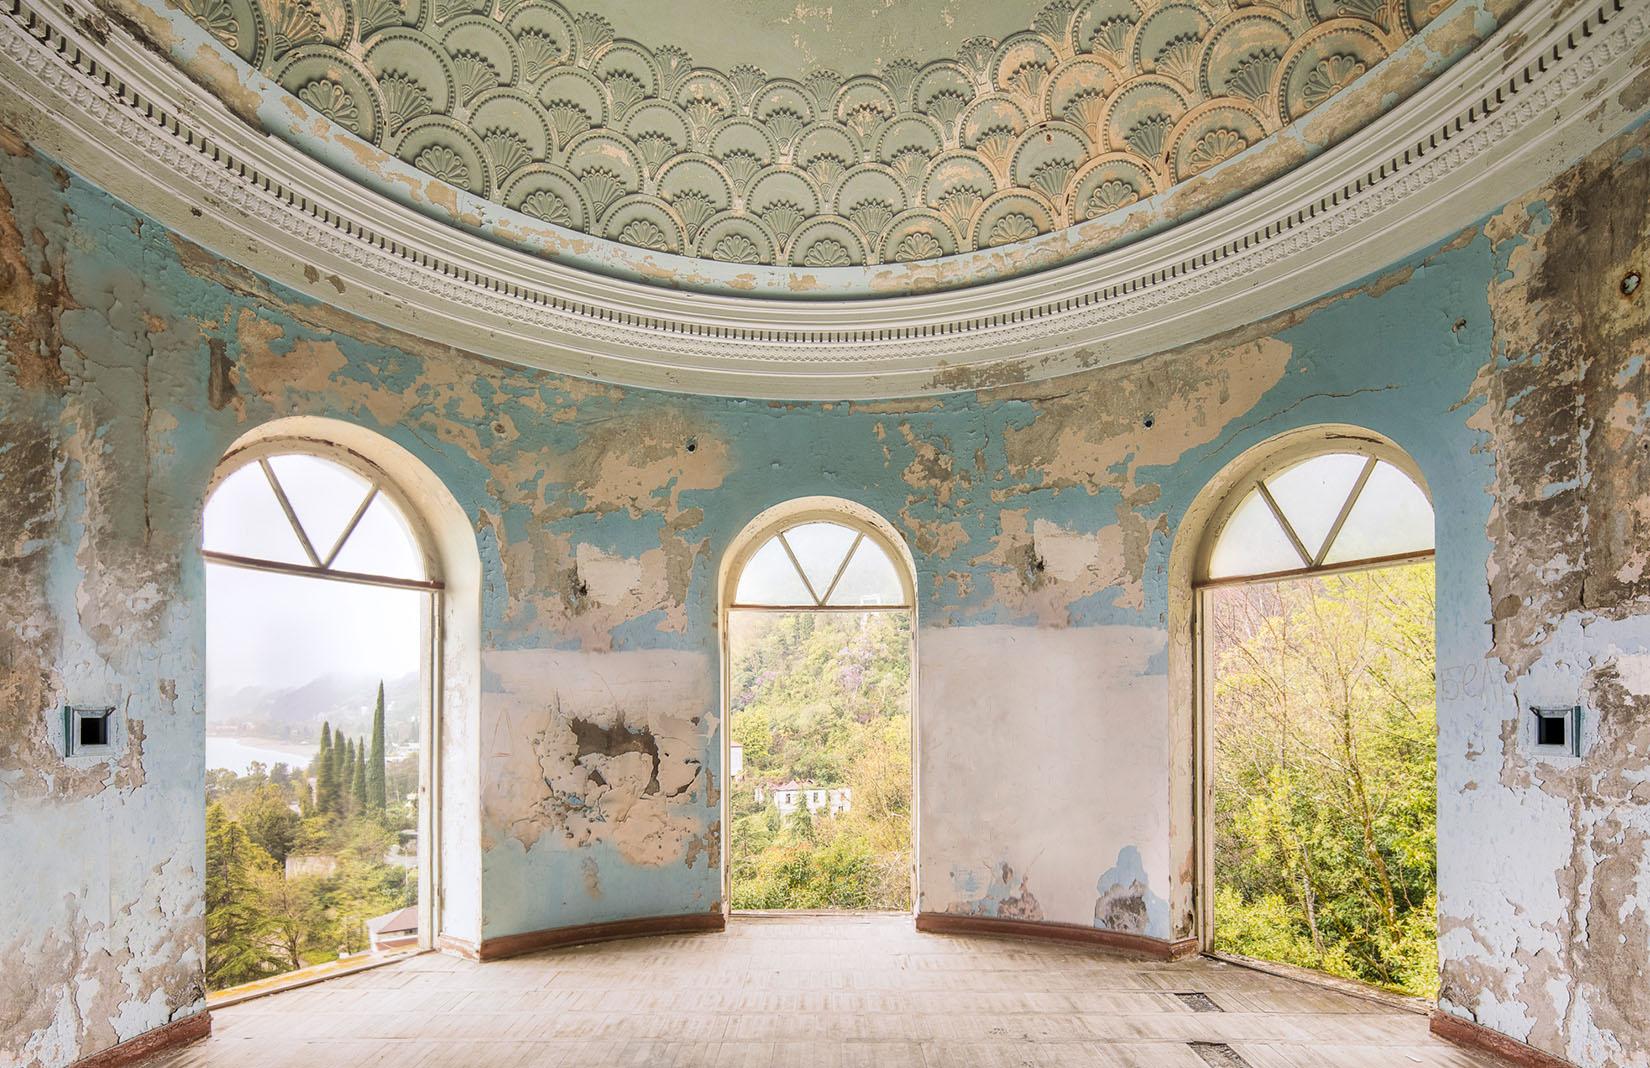 Abhkazia photo essay by James Kerwin